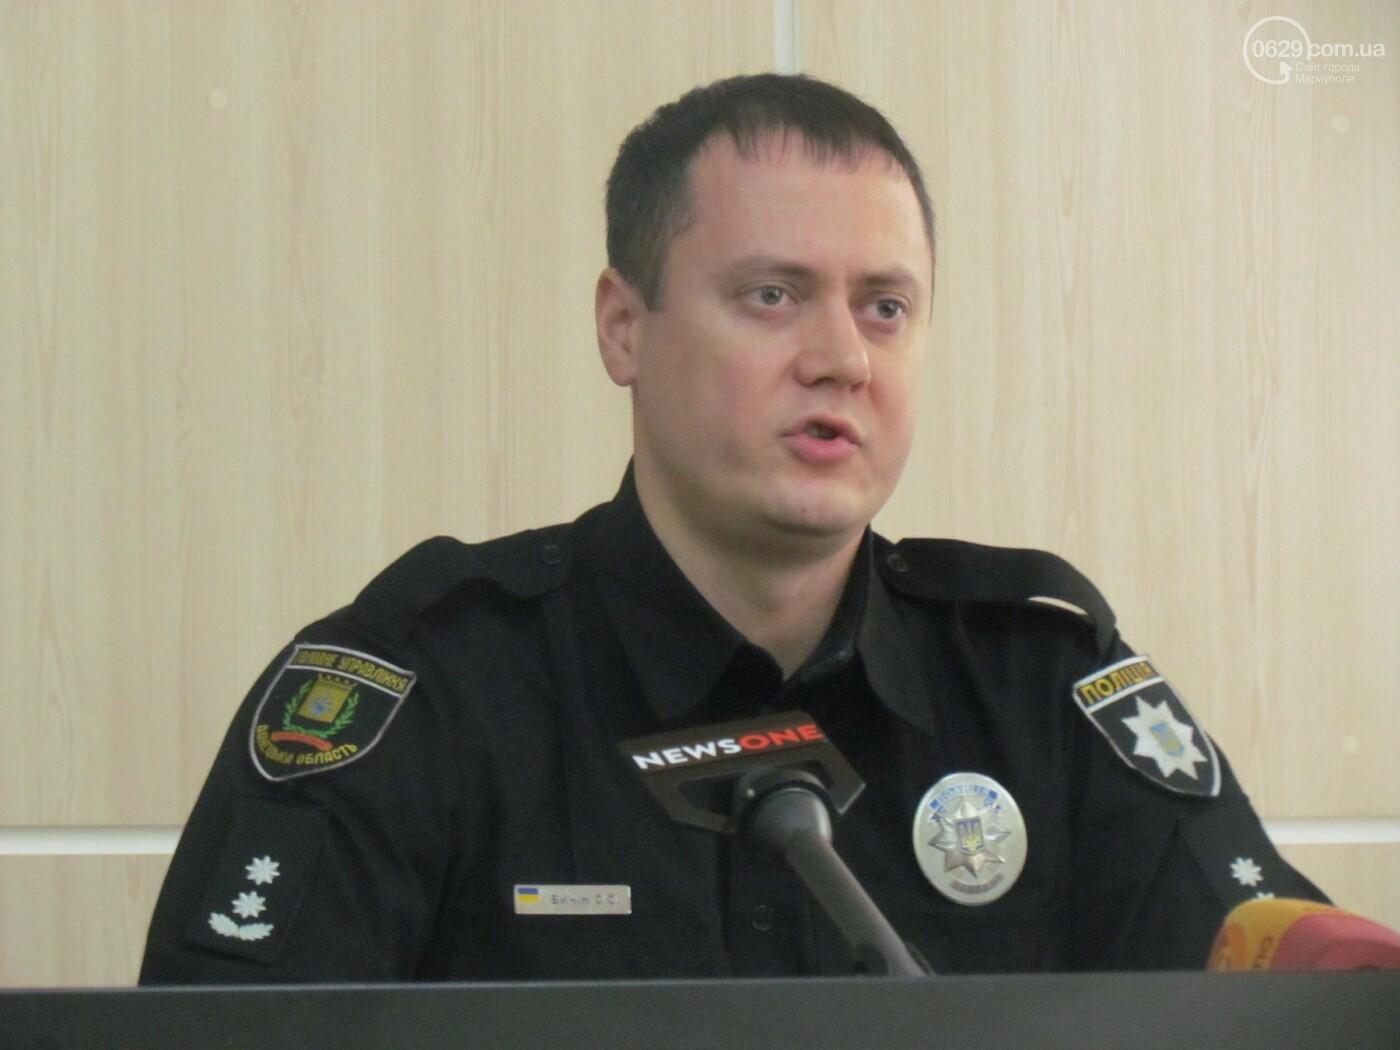 Центральный отдел полиции стал более доступным для мариупольцев с особыми потребностями  - ФОТОРЕПОРТАЖ, фото-1